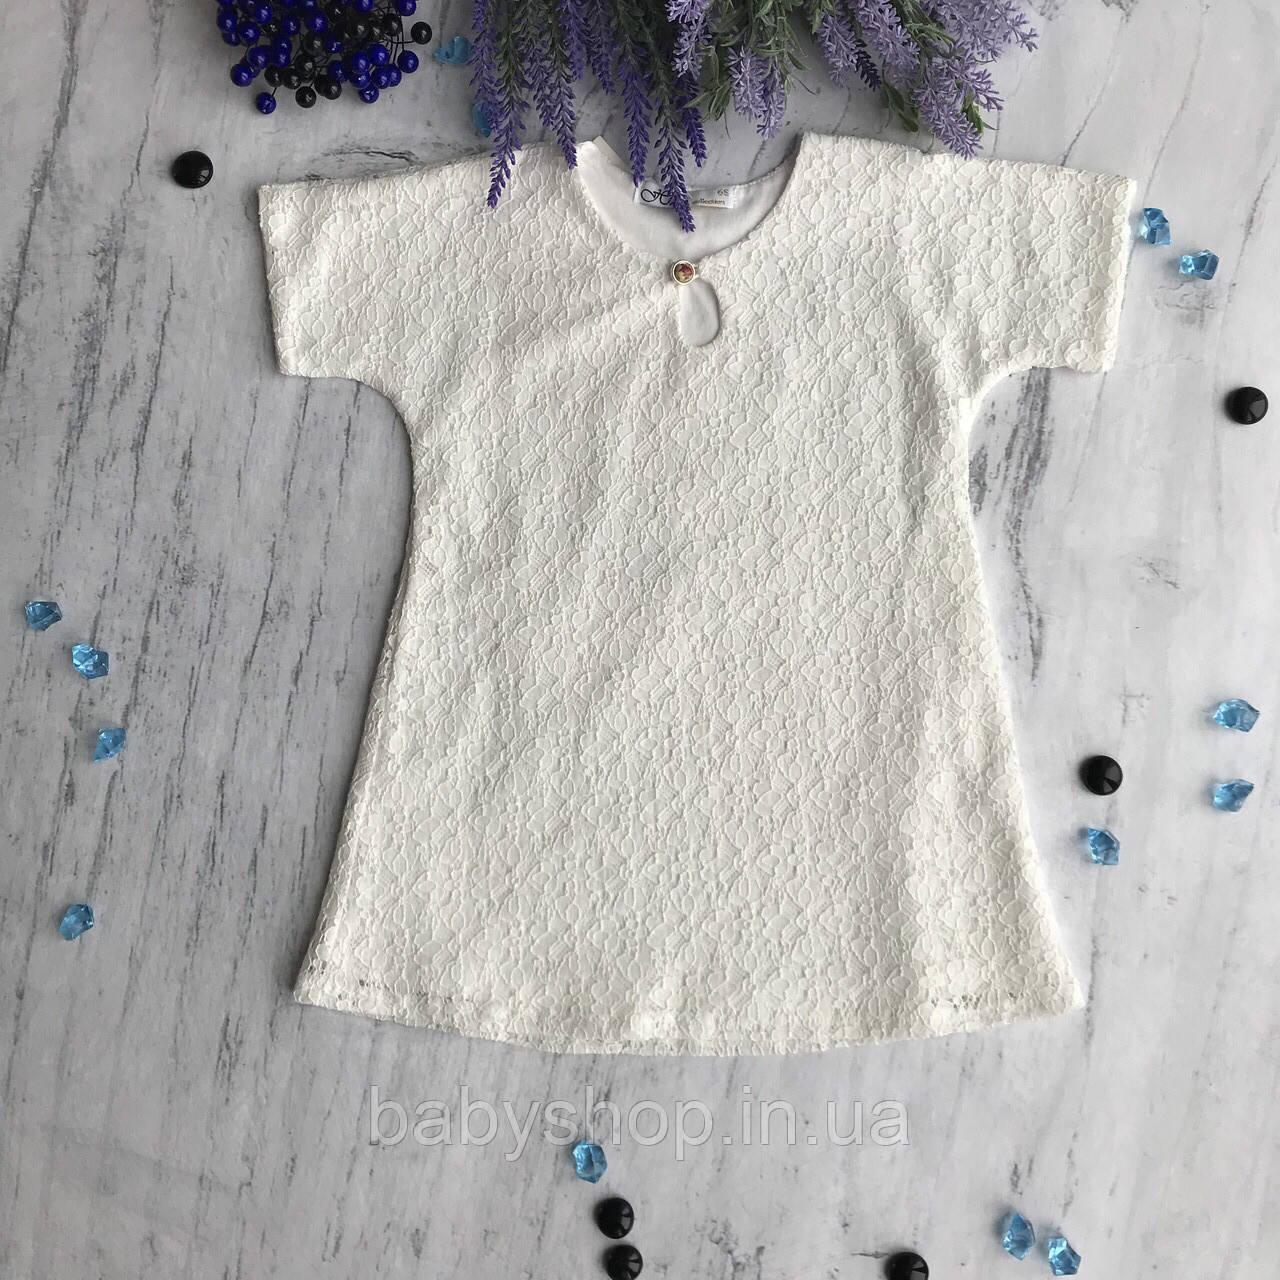 Крестильная рубаха 4. Размер 68